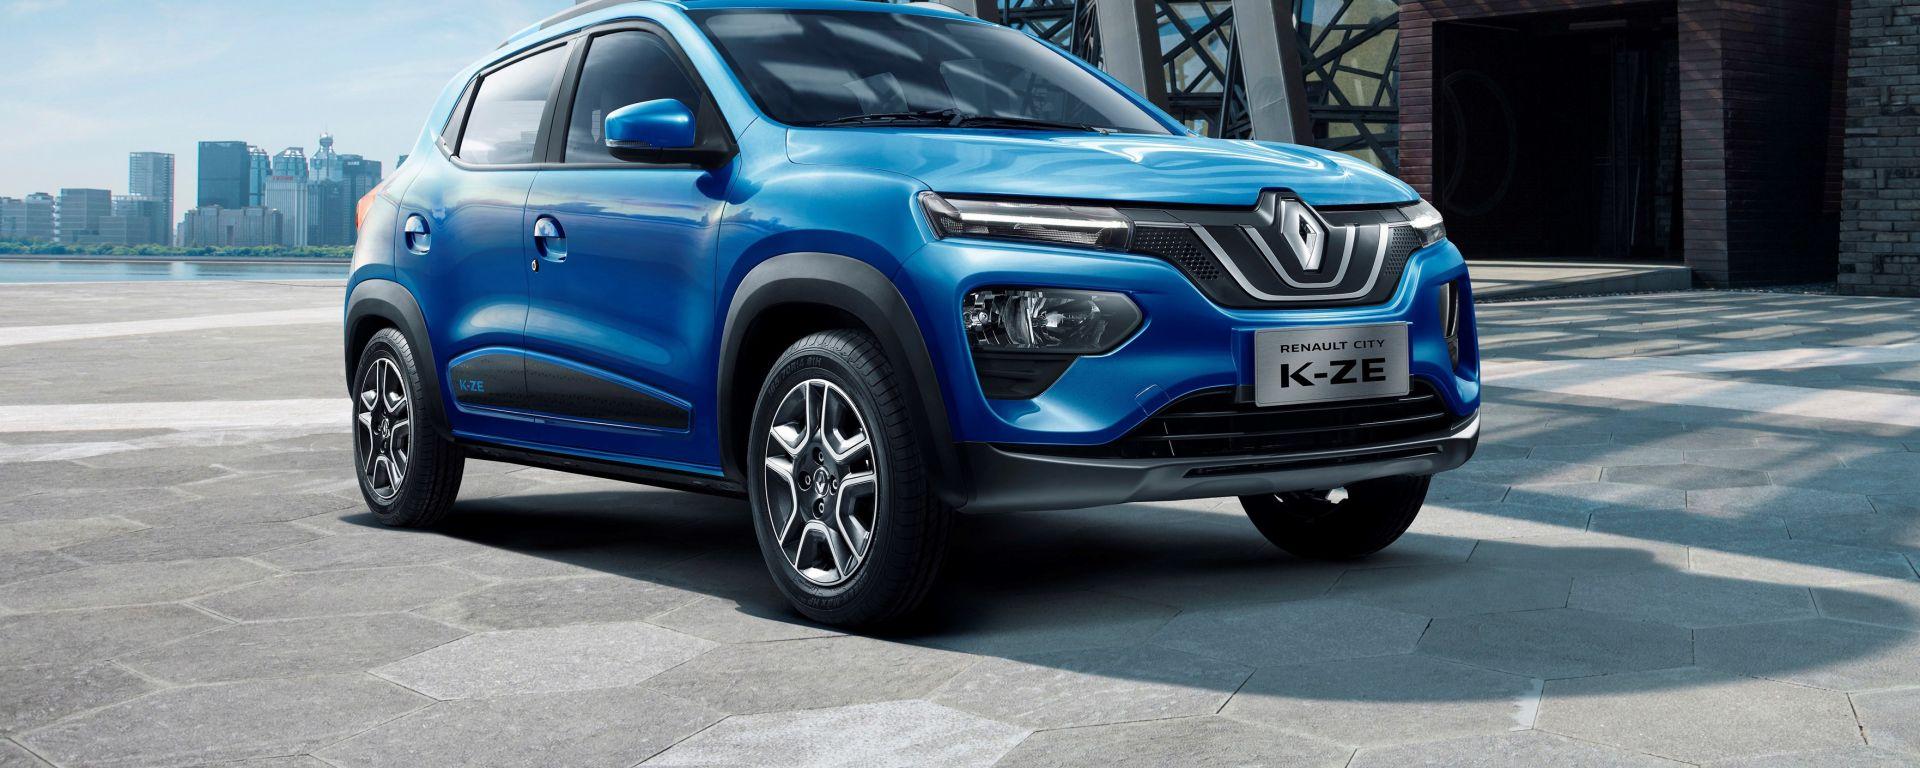 Renault City K-ZE, il mini-Suv elettrico low cost della Losanga